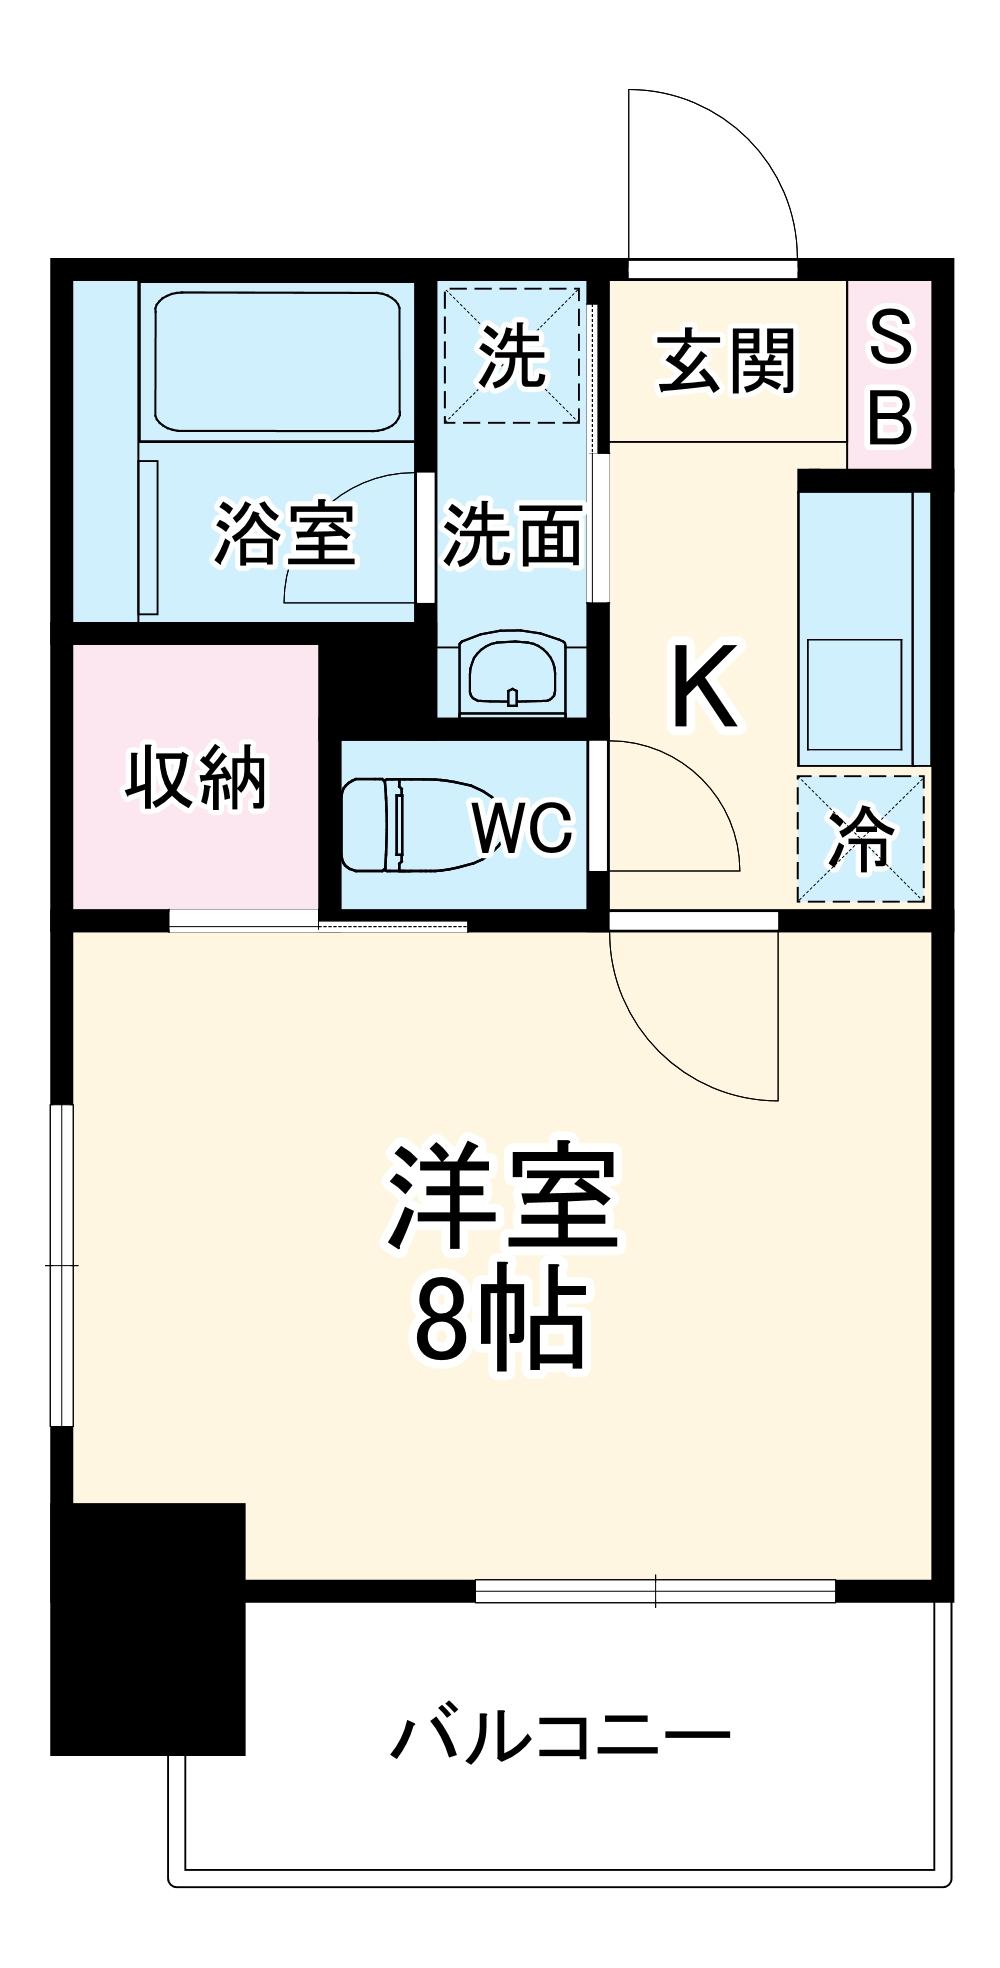 ヴィークブライト名古屋新栄 205号室の間取り